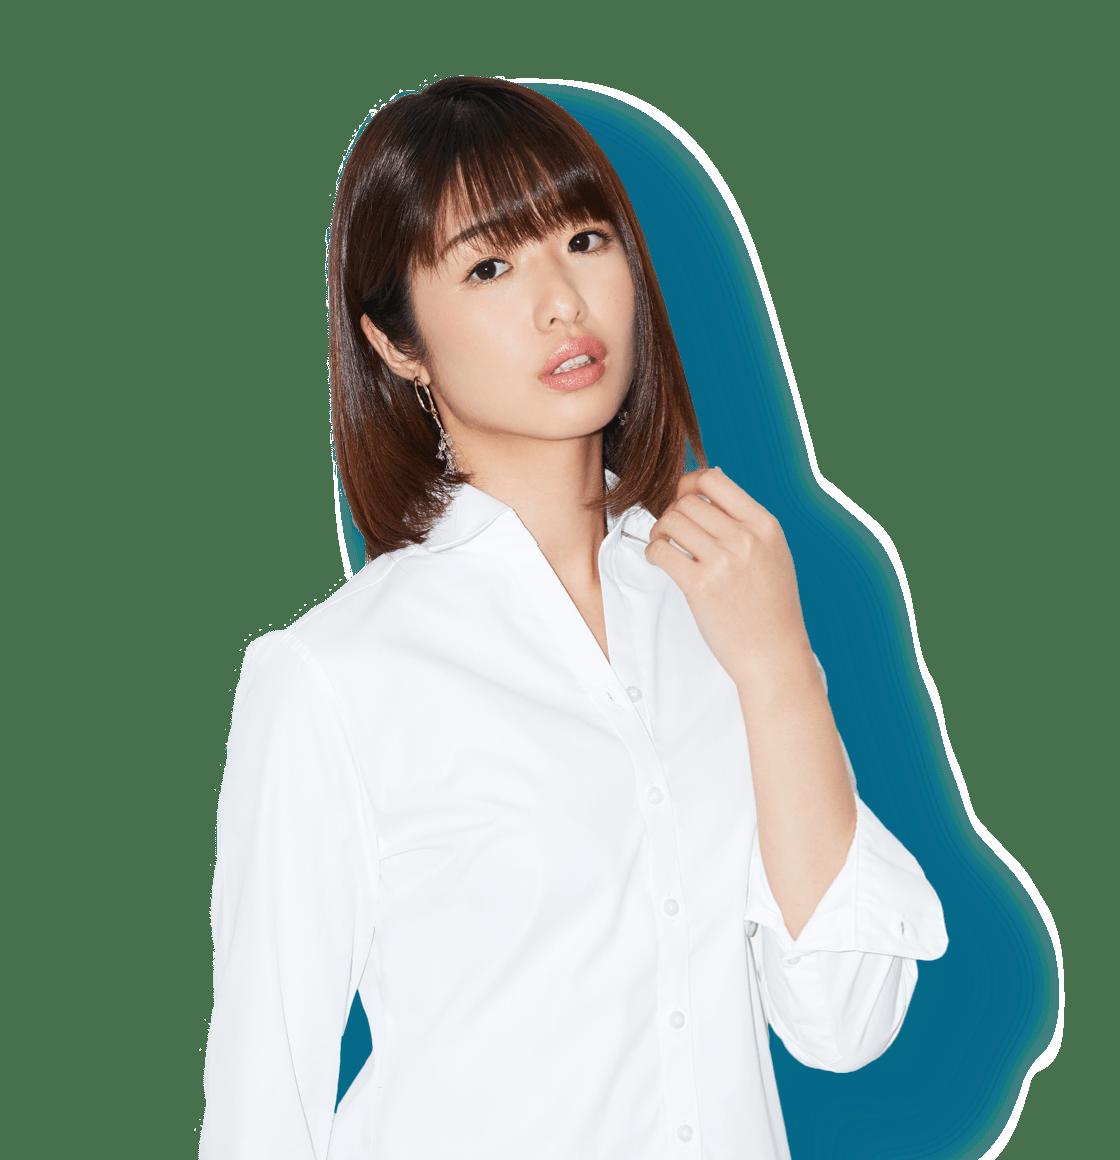 川上奈々美のシャツ画像